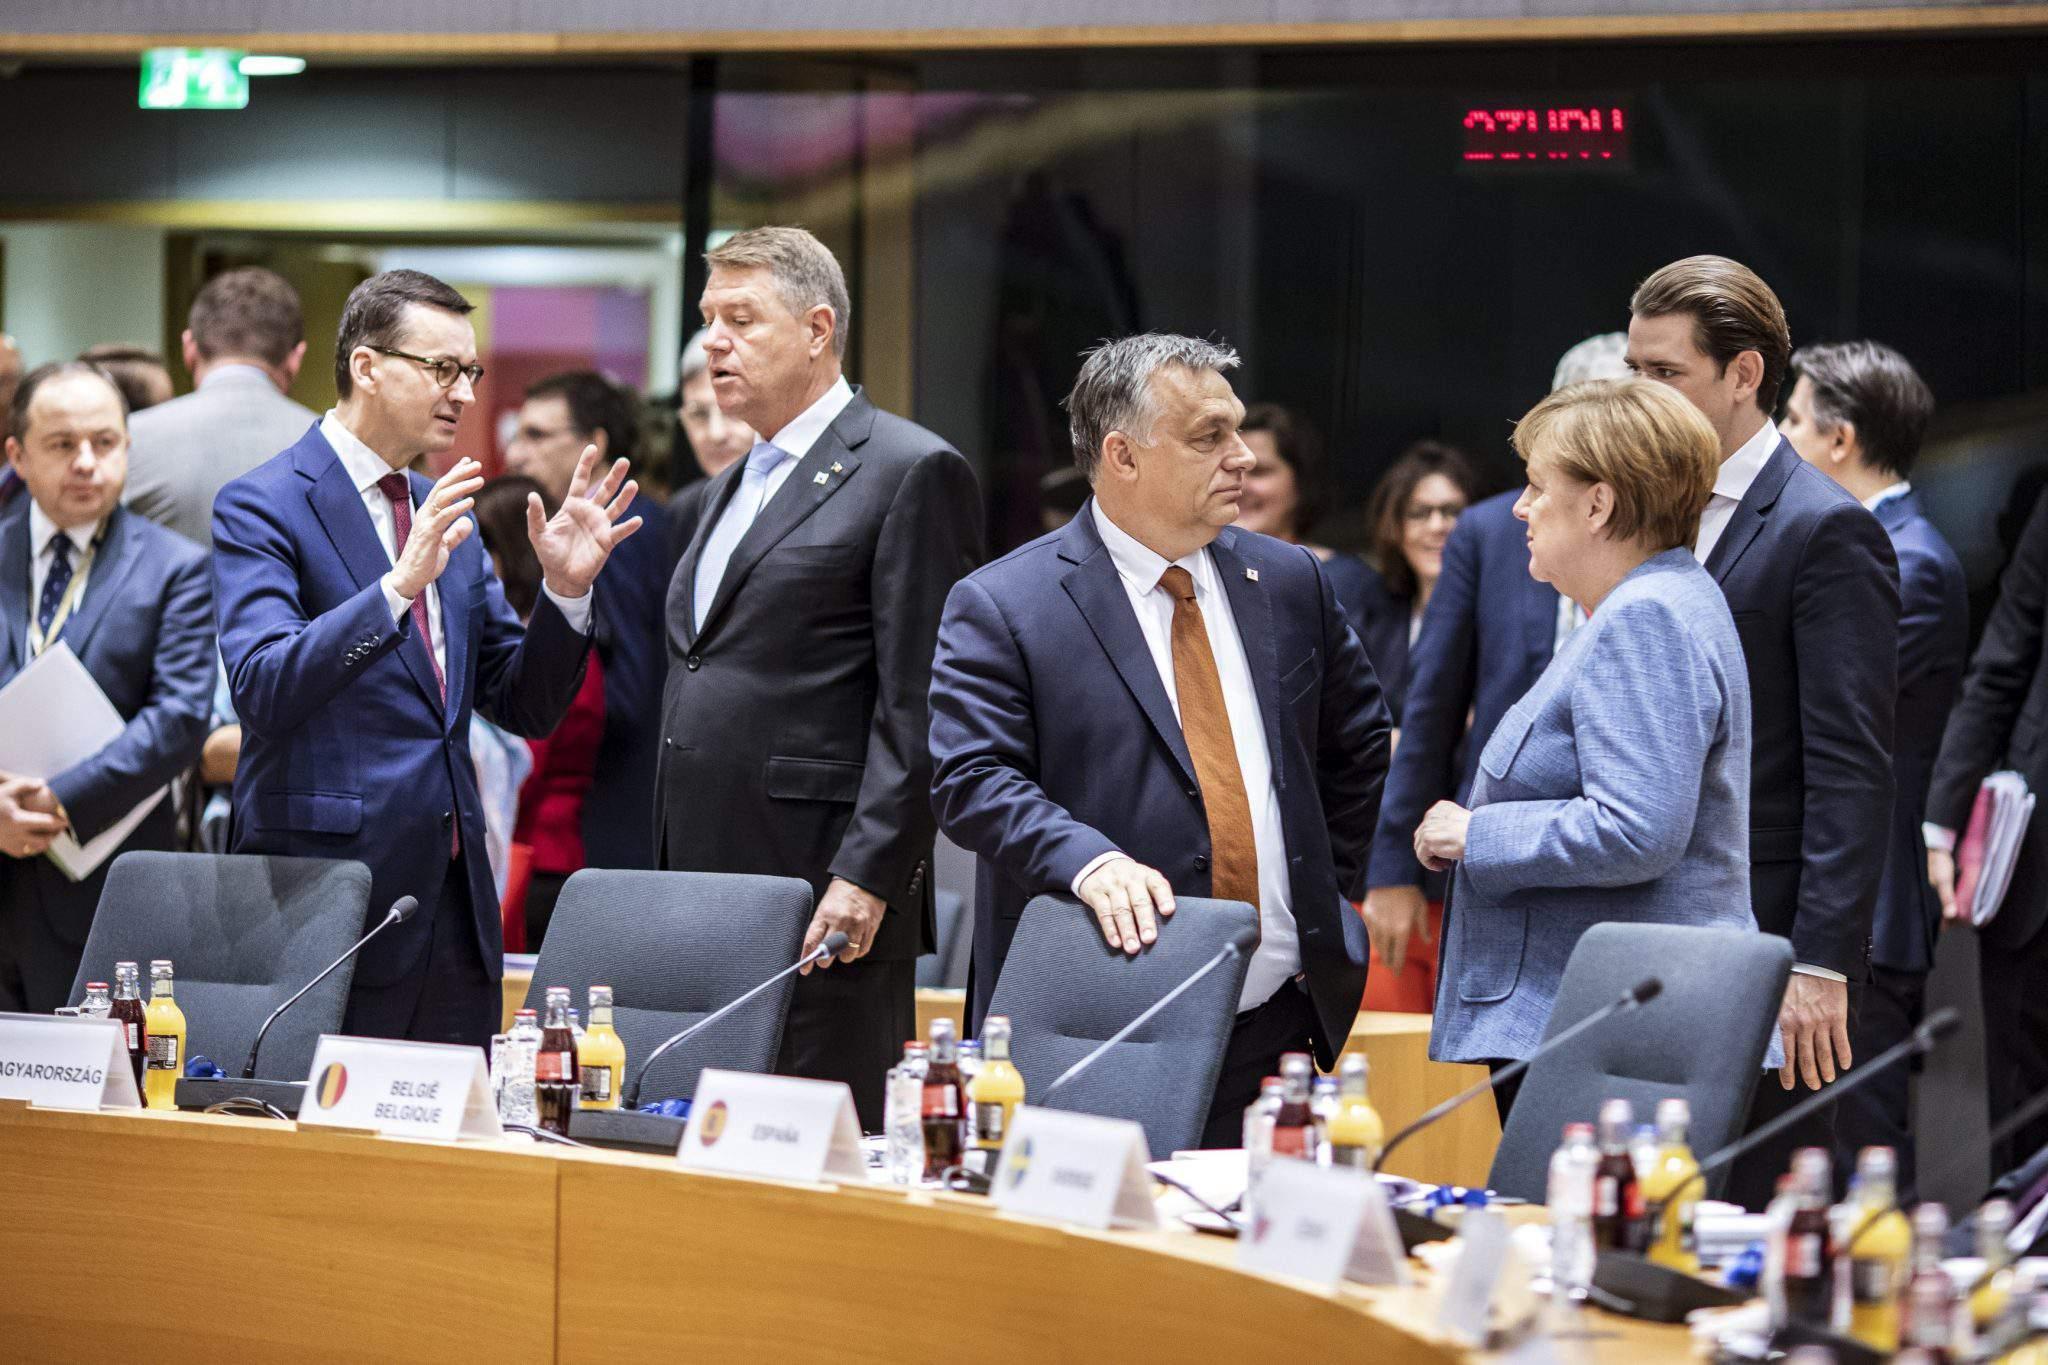 Orbán Merkel Brussels